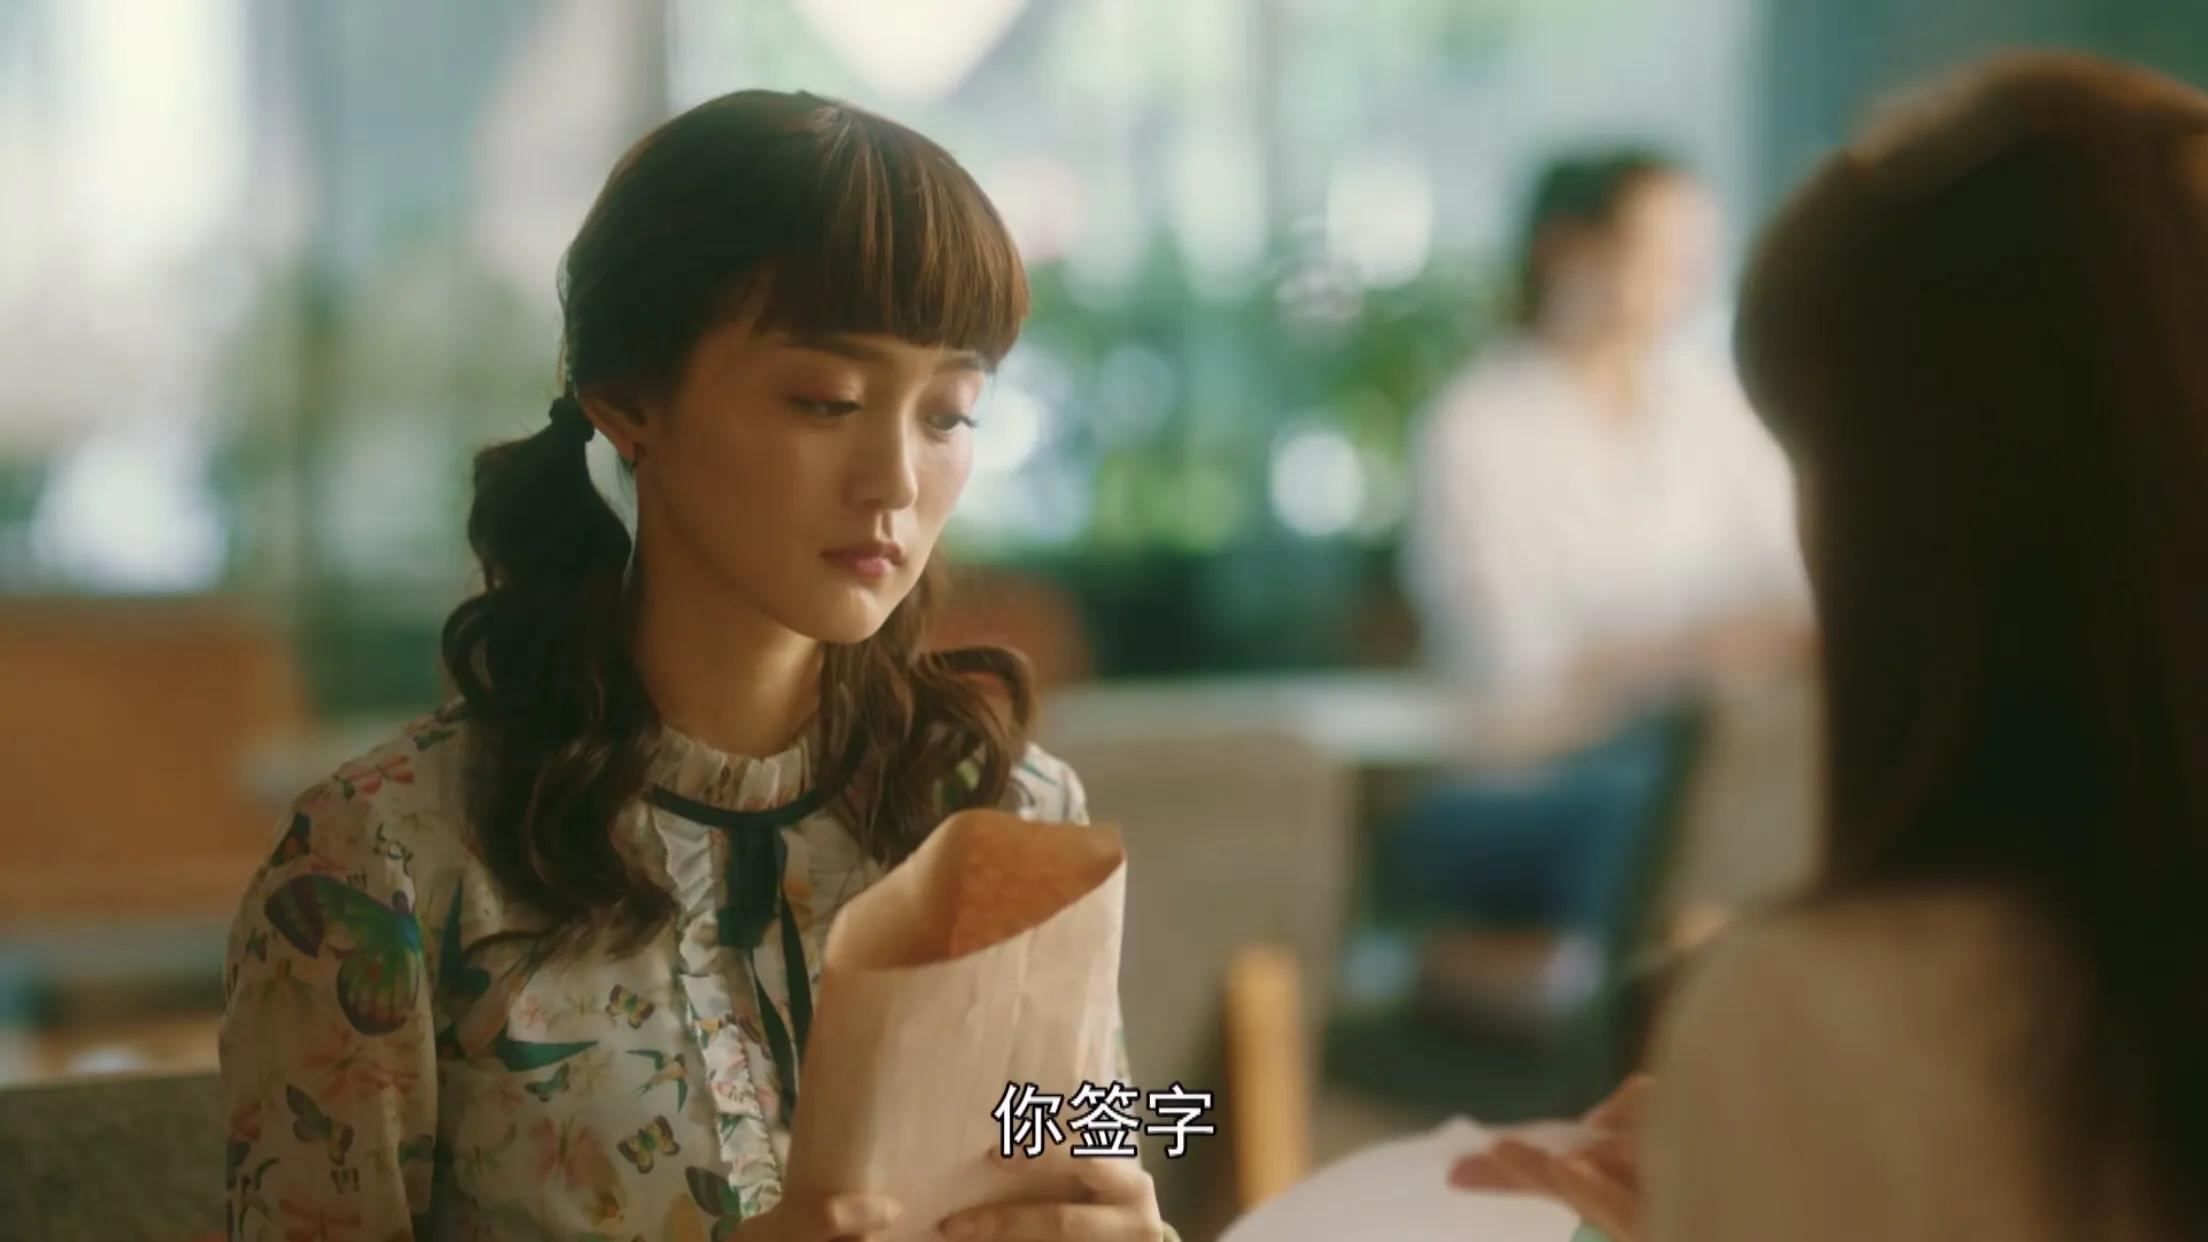 《流金岁月》:蒋南孙为钱耍手段,变故前的她就不简单!